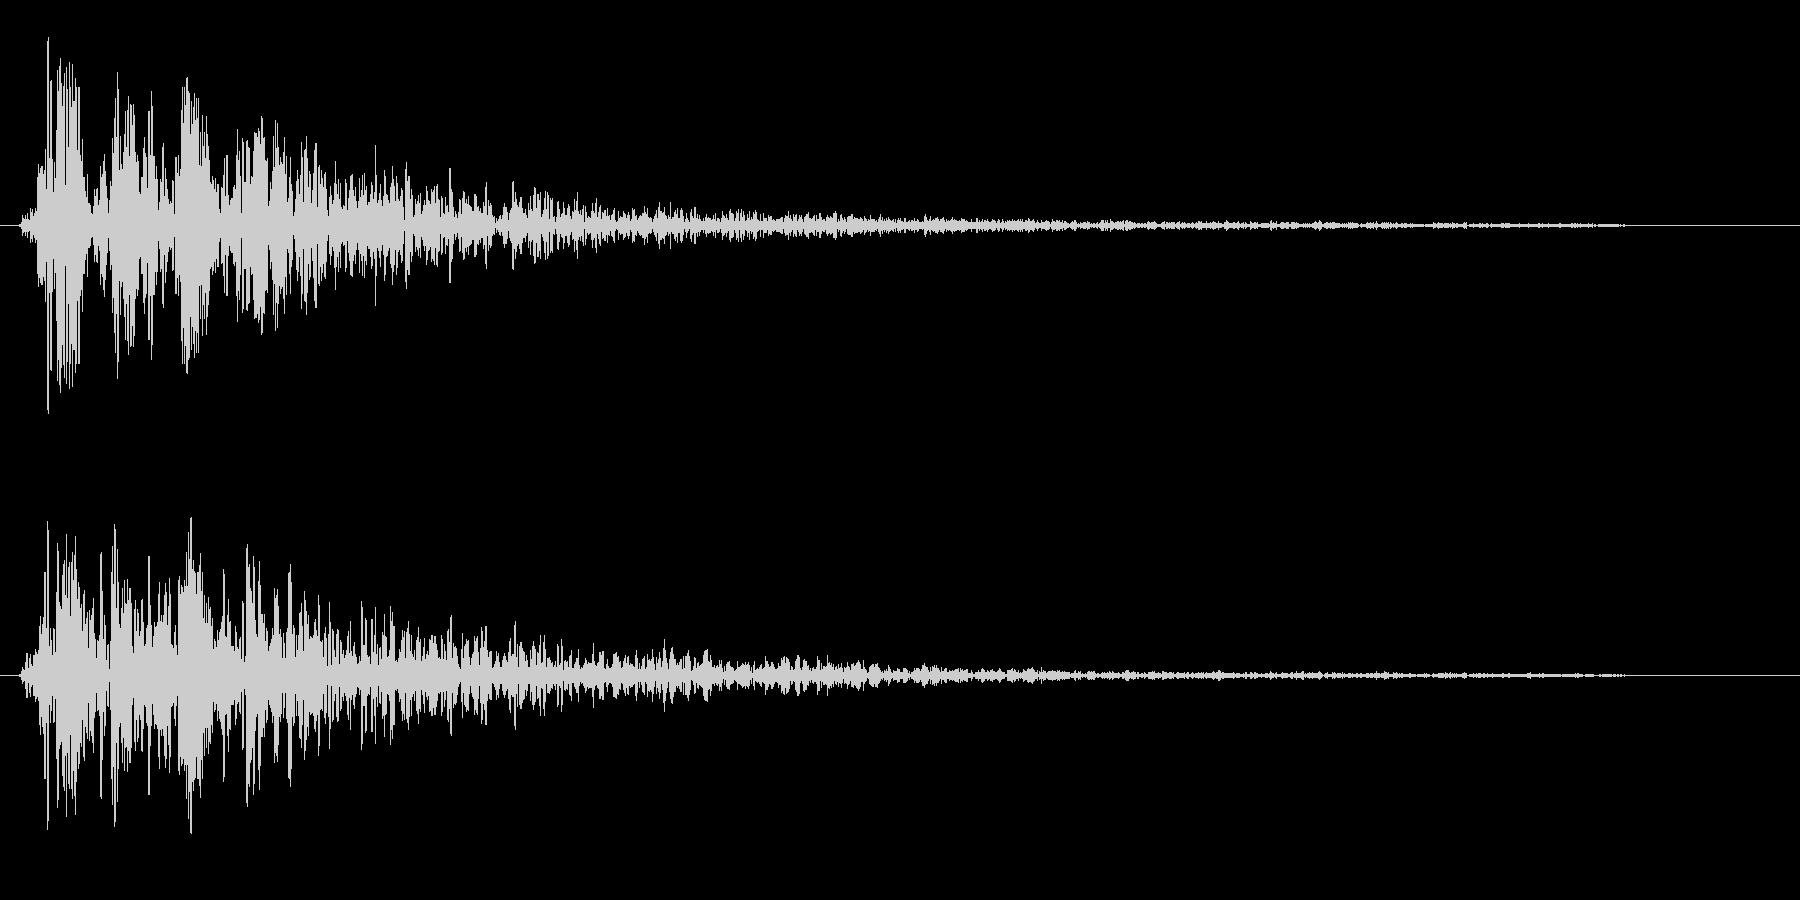 ブワオーン(変化を感じる効果音)の未再生の波形